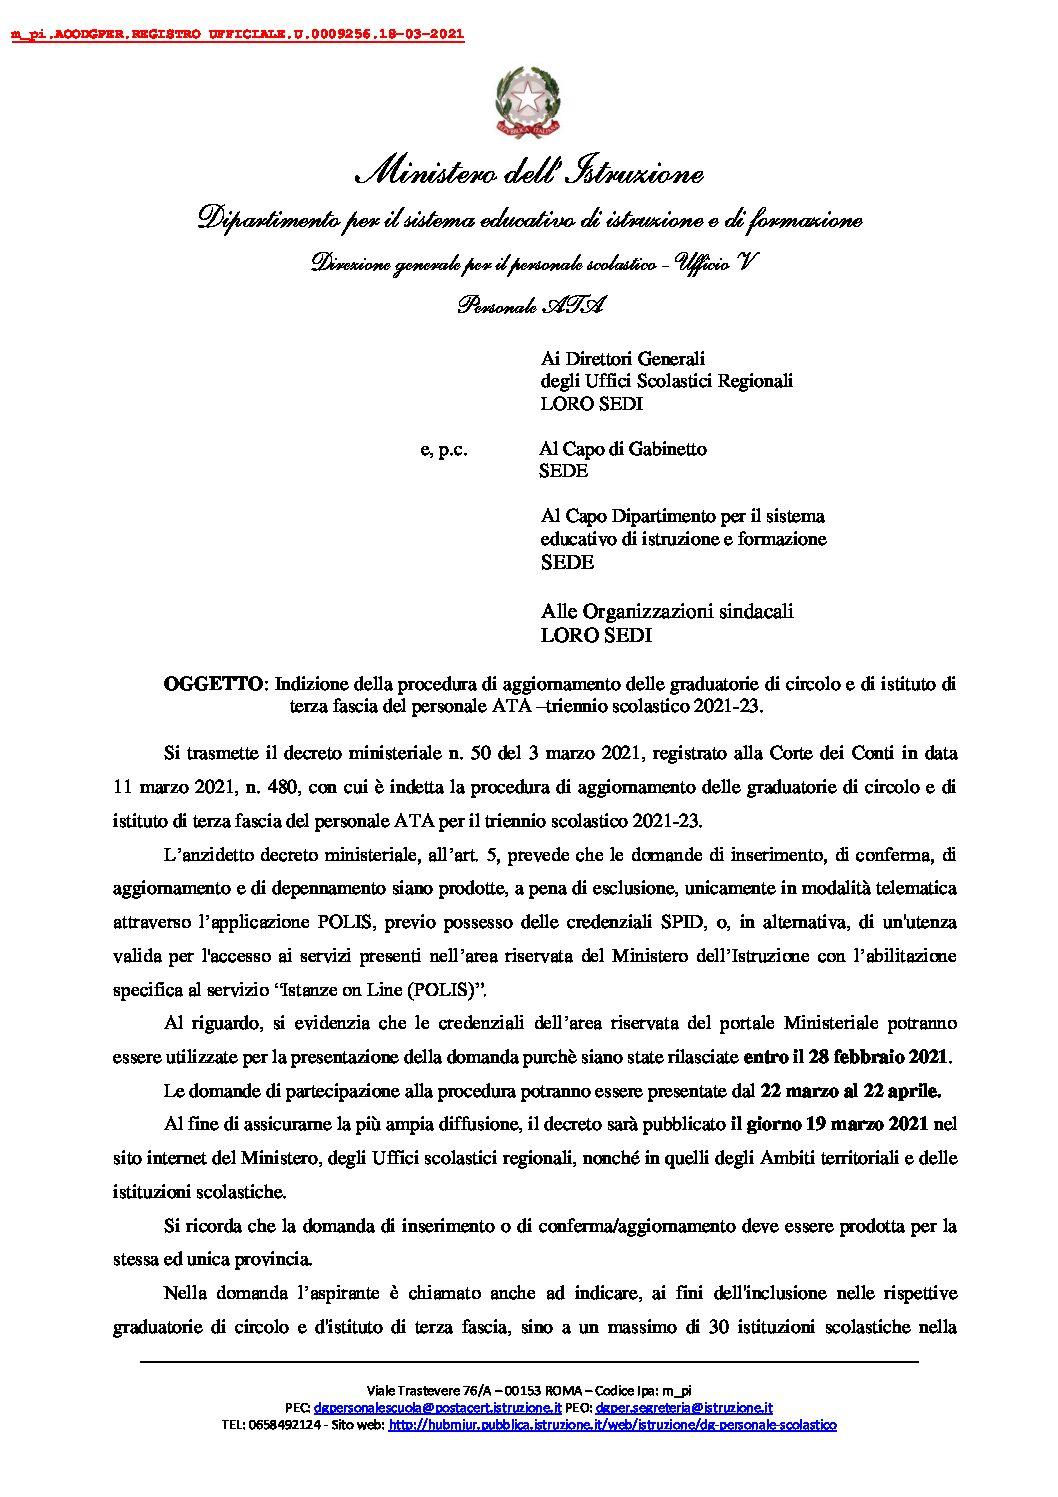 INDIZIONE DELLA PROCEDURA DI AGGIORNAMENTO DELLE GRADUATORIE DI CIRCOLO E DI ISTITUTO DI TERZA FASCIA DEL PERSONALE ATA- TRIENNIO SCOLASTICO 2021